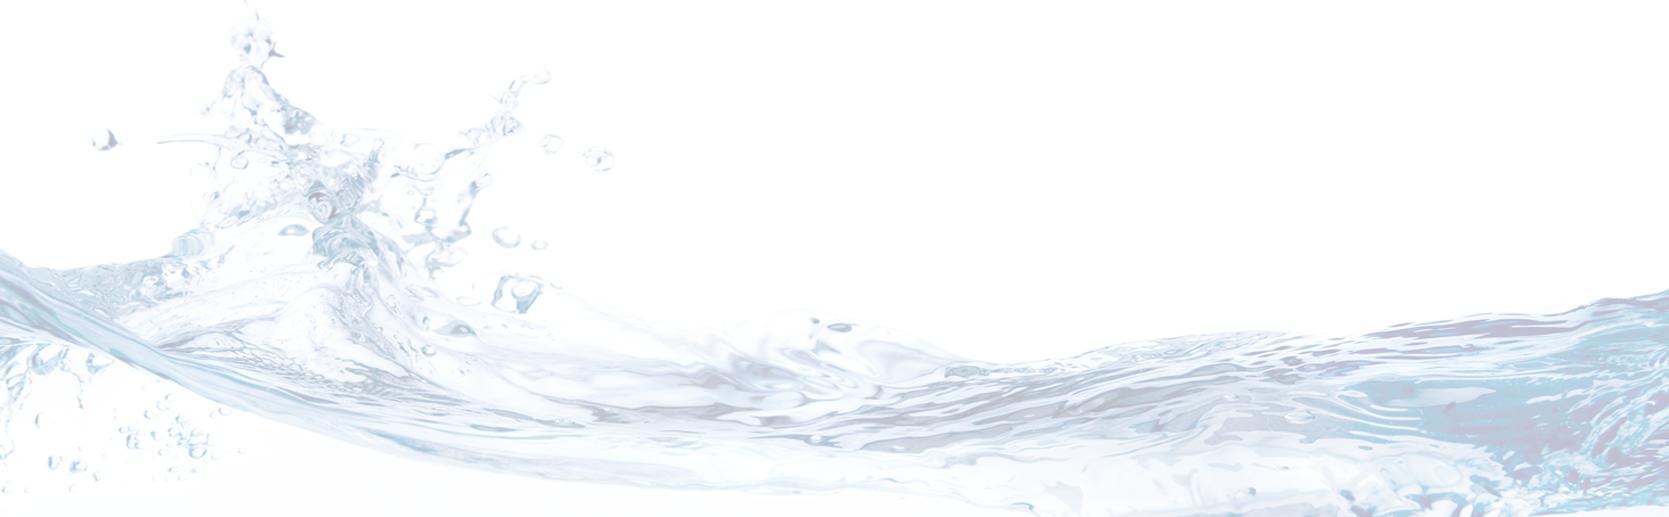 Сервис воды